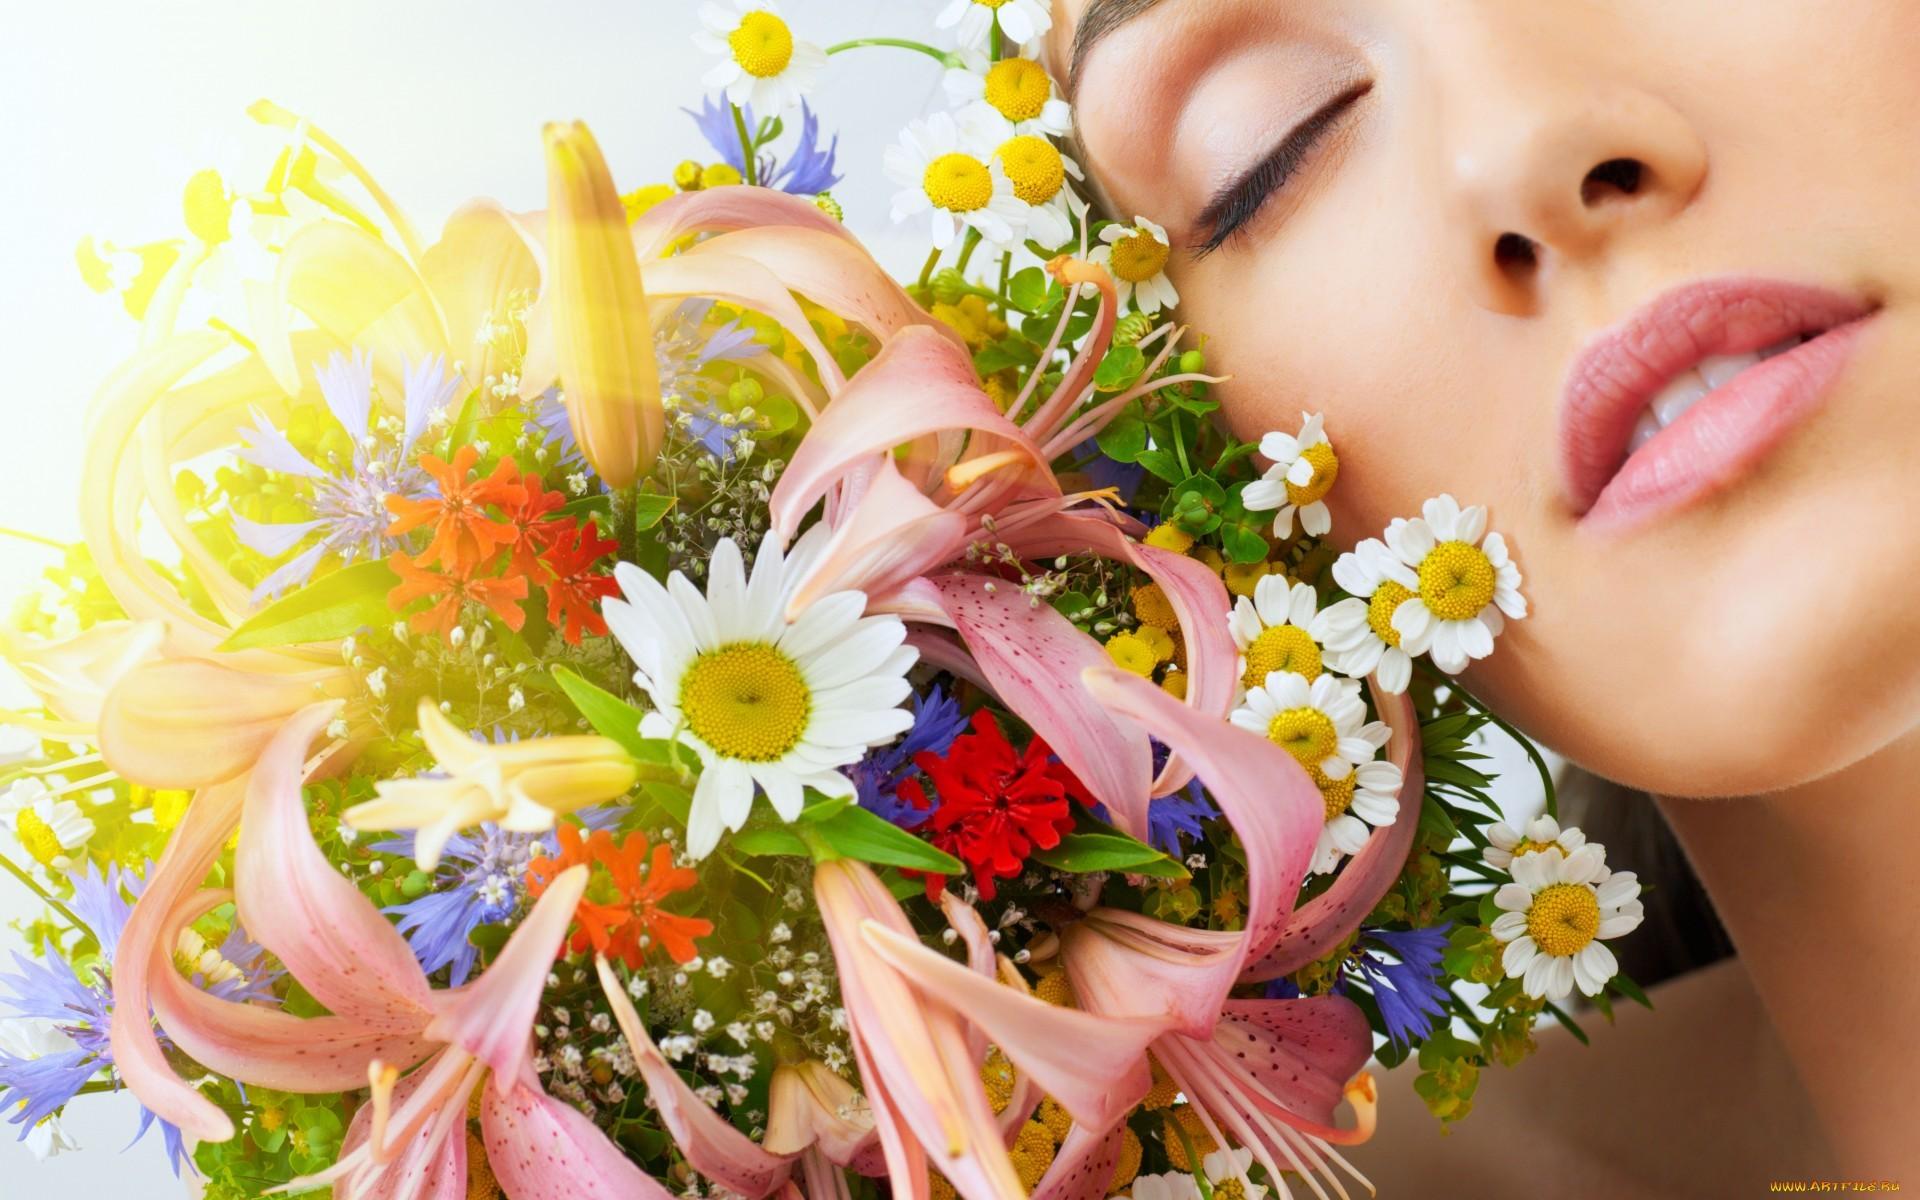 Una chica y flores - 1920x1200